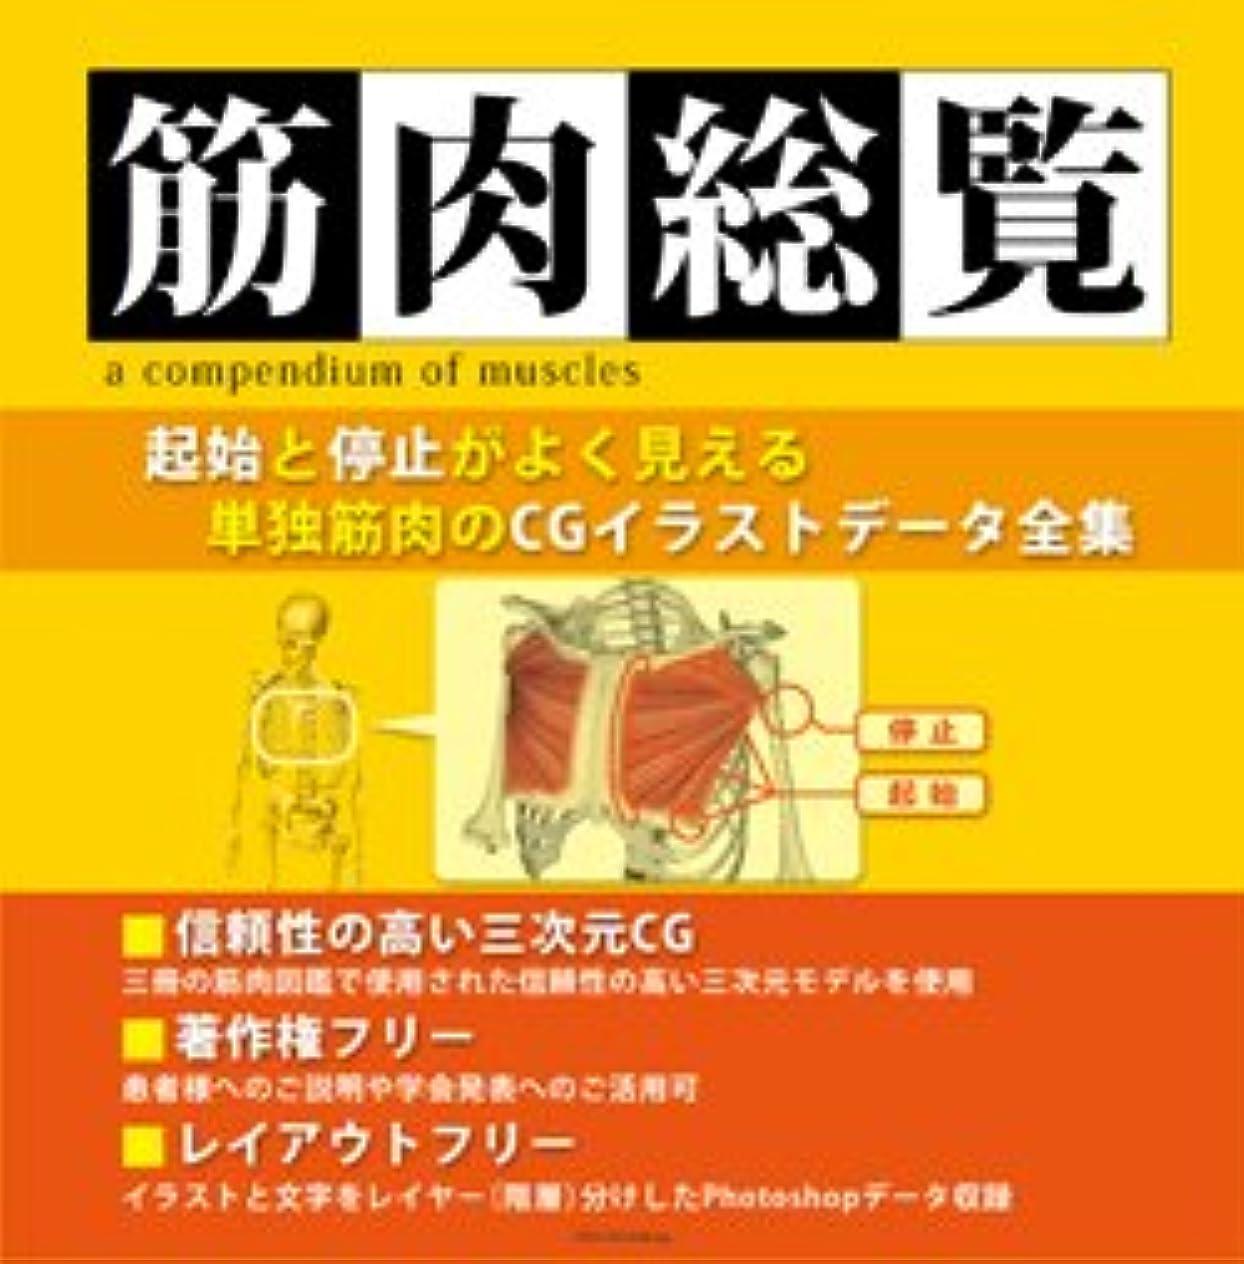 著作権フリー筋肉イラスト集 筋肉総覧DVD-ROM